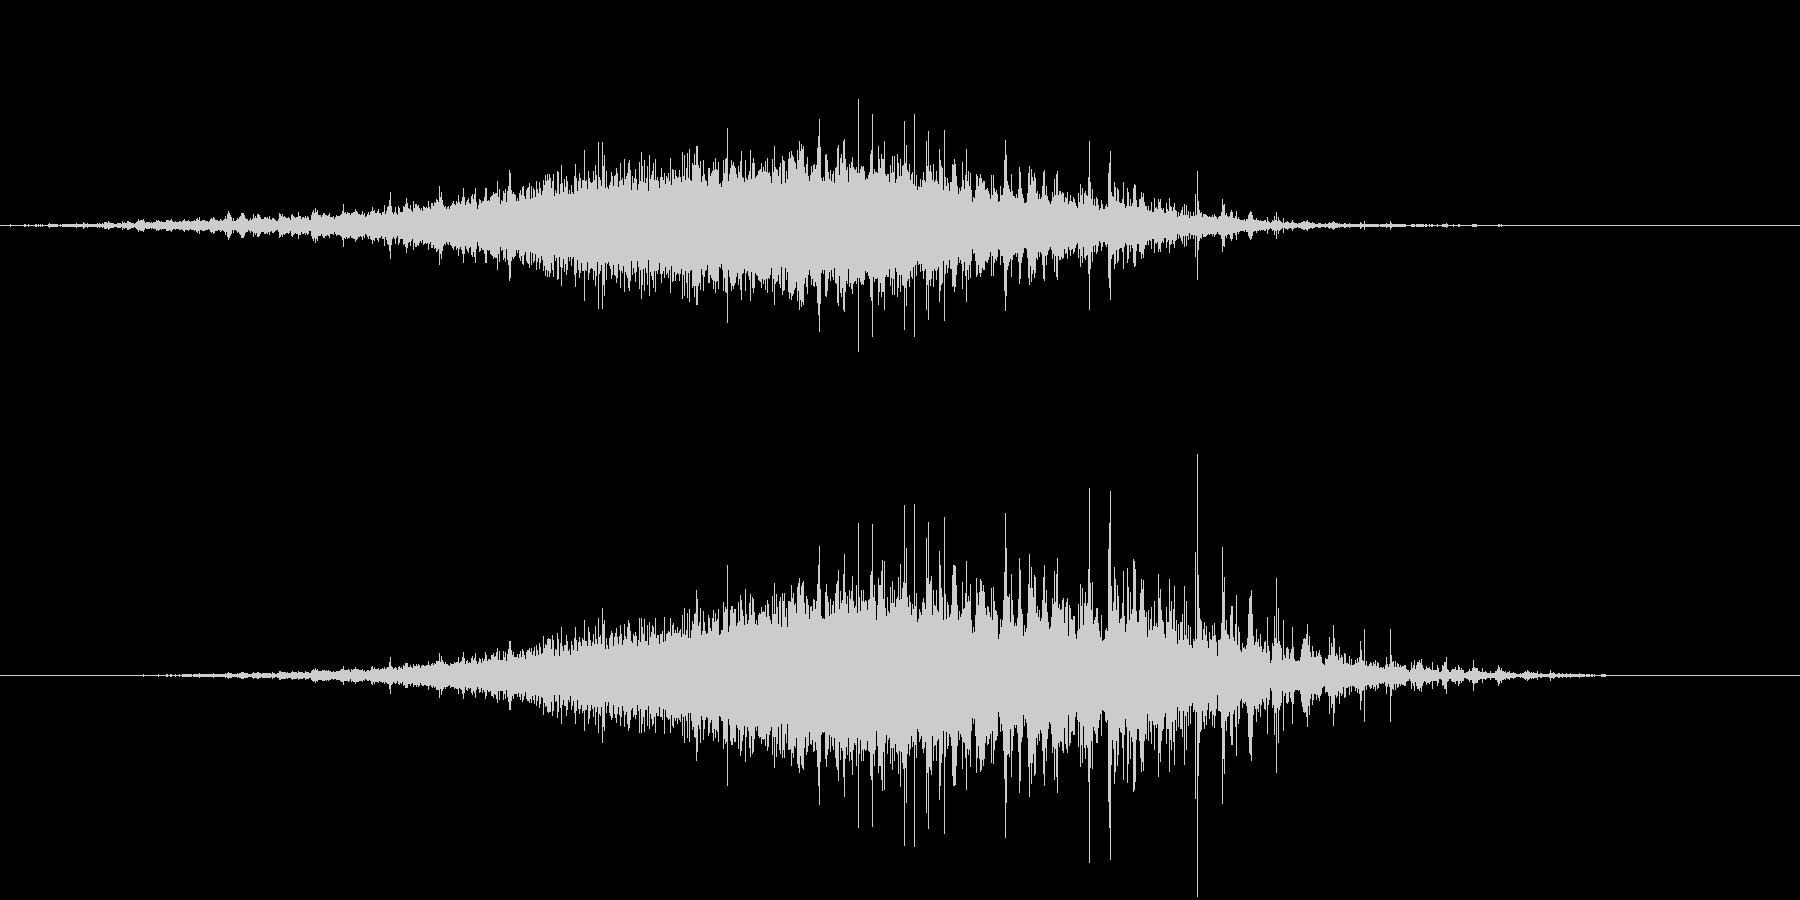 「シャラシャラ」数珠を擦った音 L-Rの未再生の波形